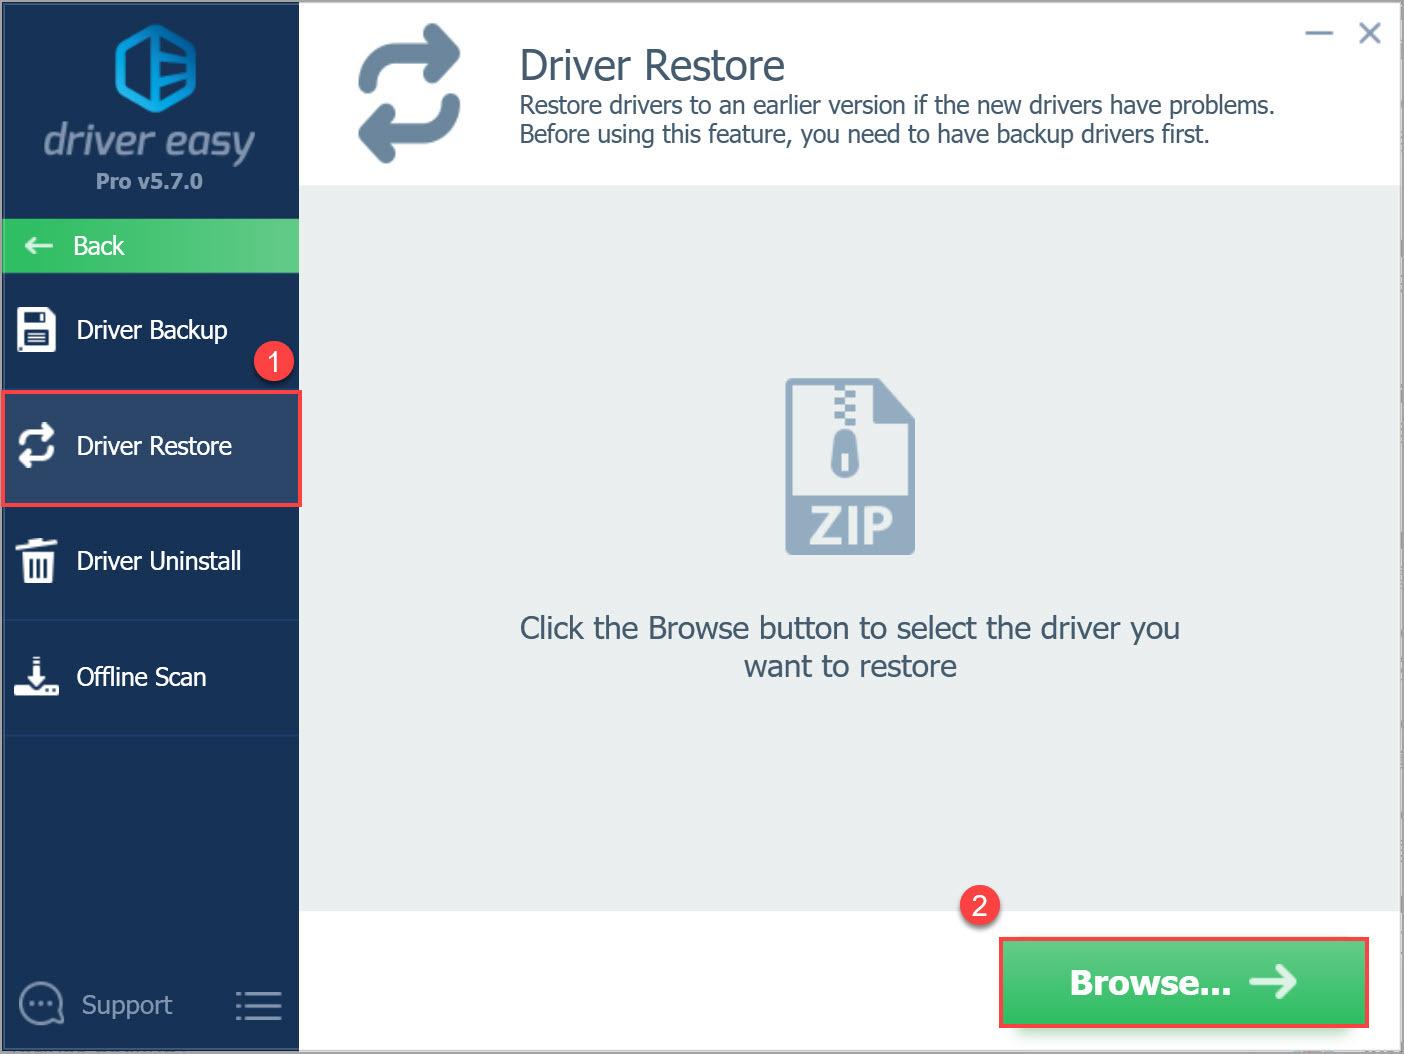 Driver Easy Pro Driver Restore